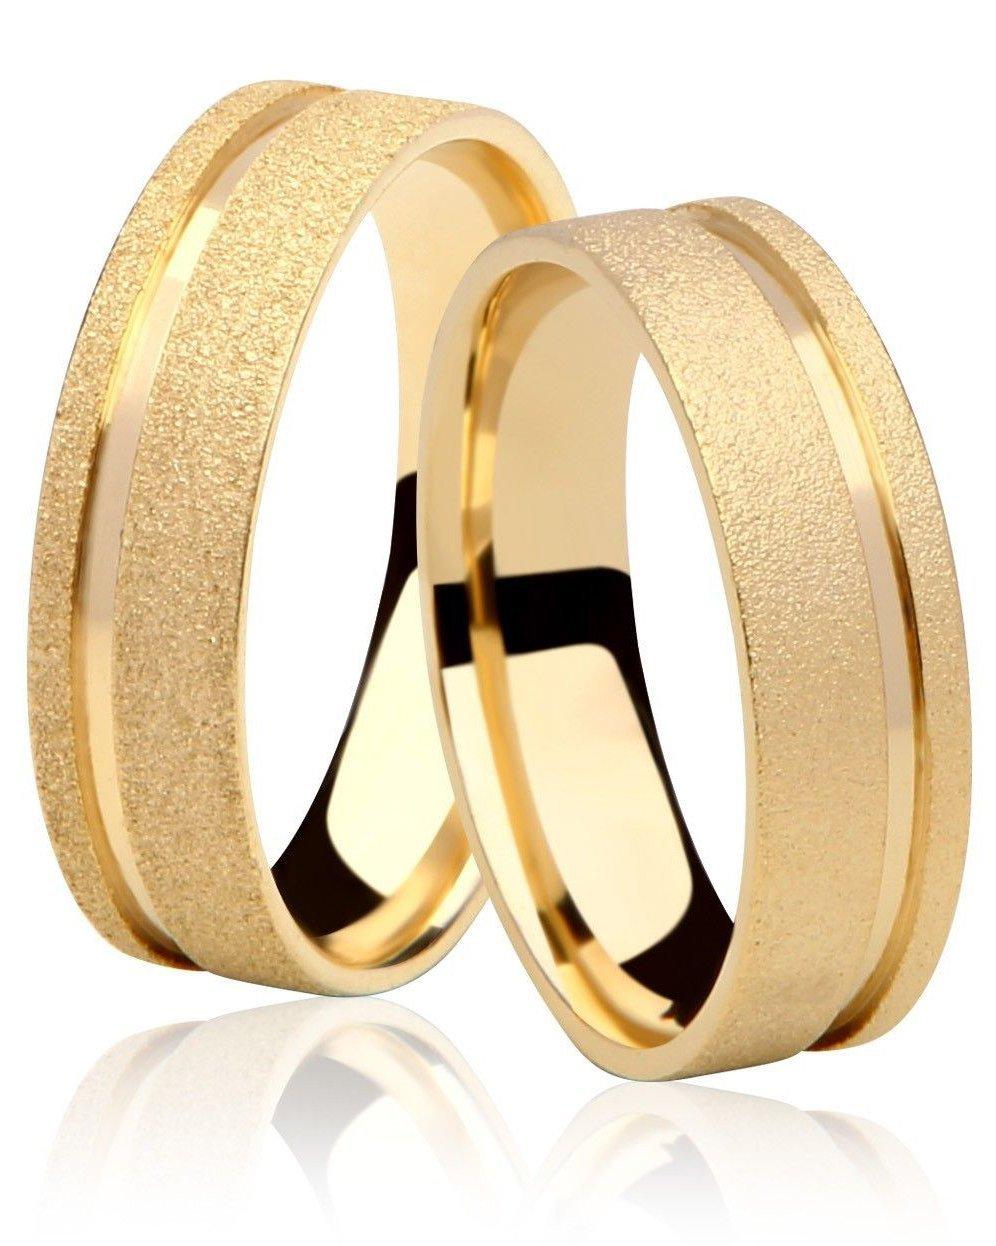 Aliança de Casamento Emotion V Ouro 18k Diamantada e Friso Polido (5mm)